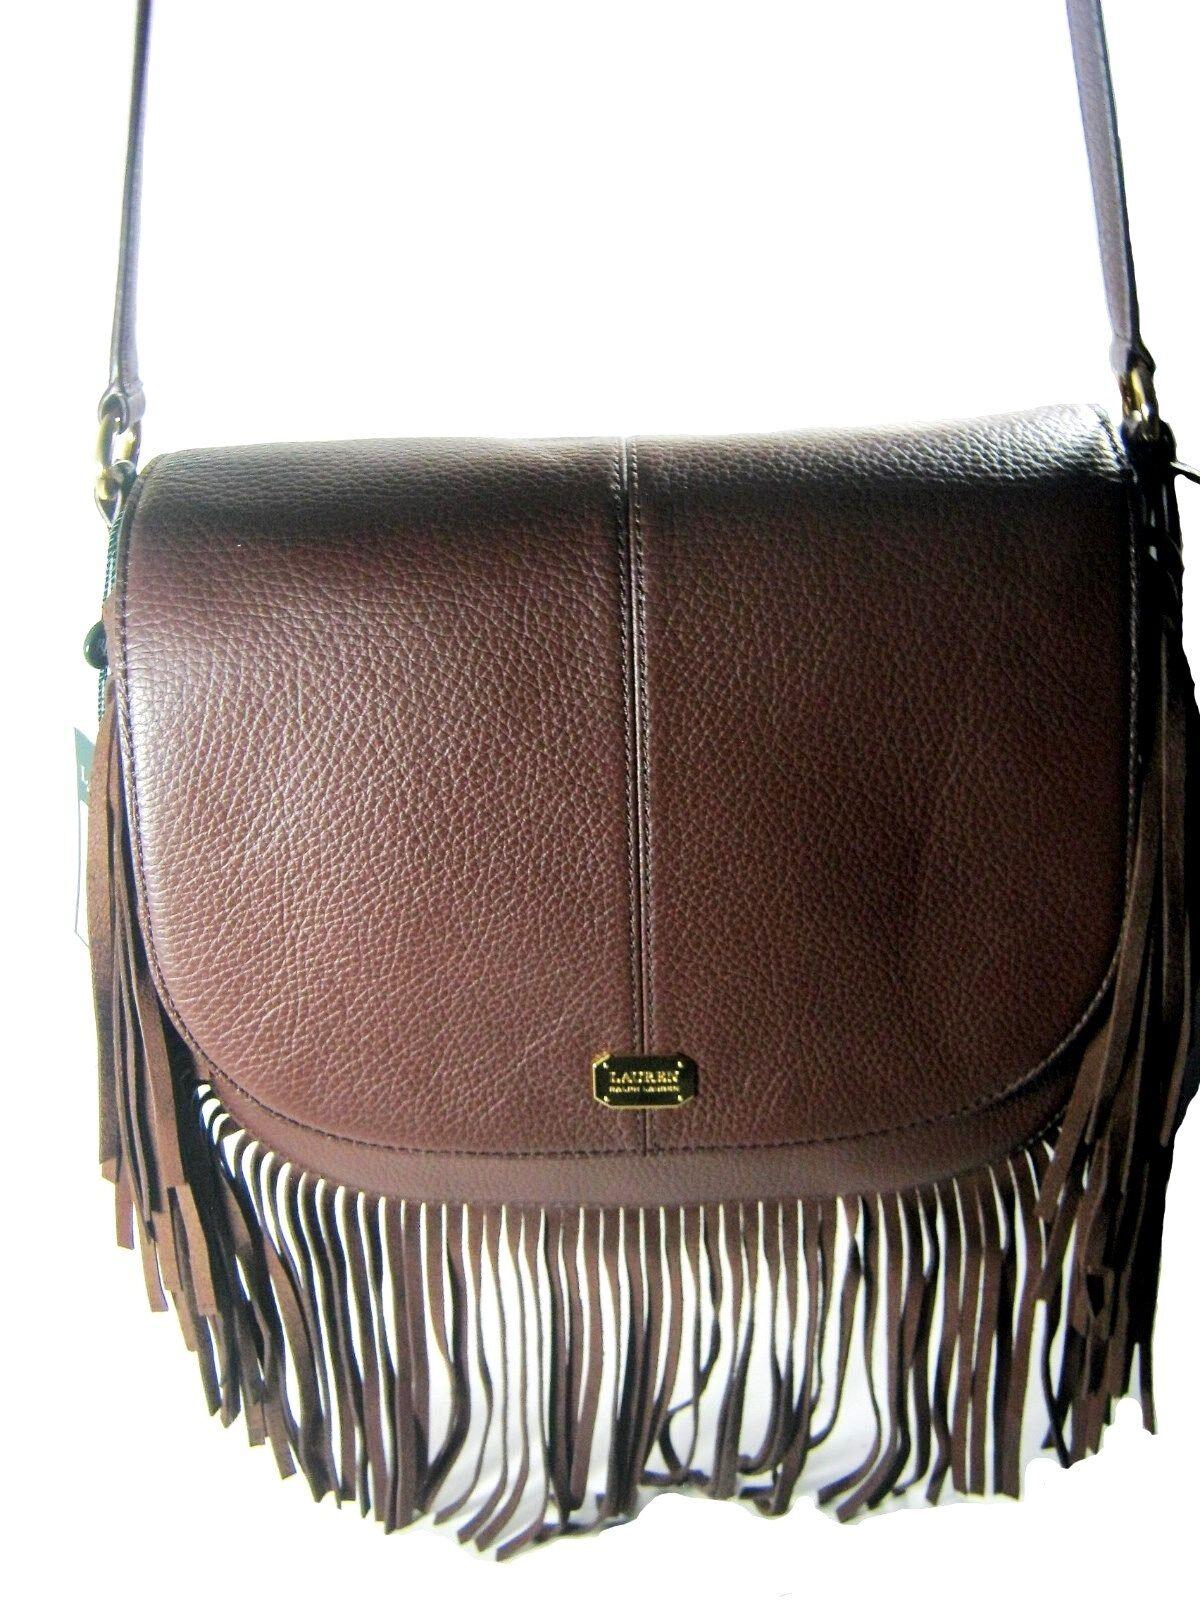 Shoulder Bag Ralph Lauren Cobden Saddle Bag Leather Brown With Fringe New